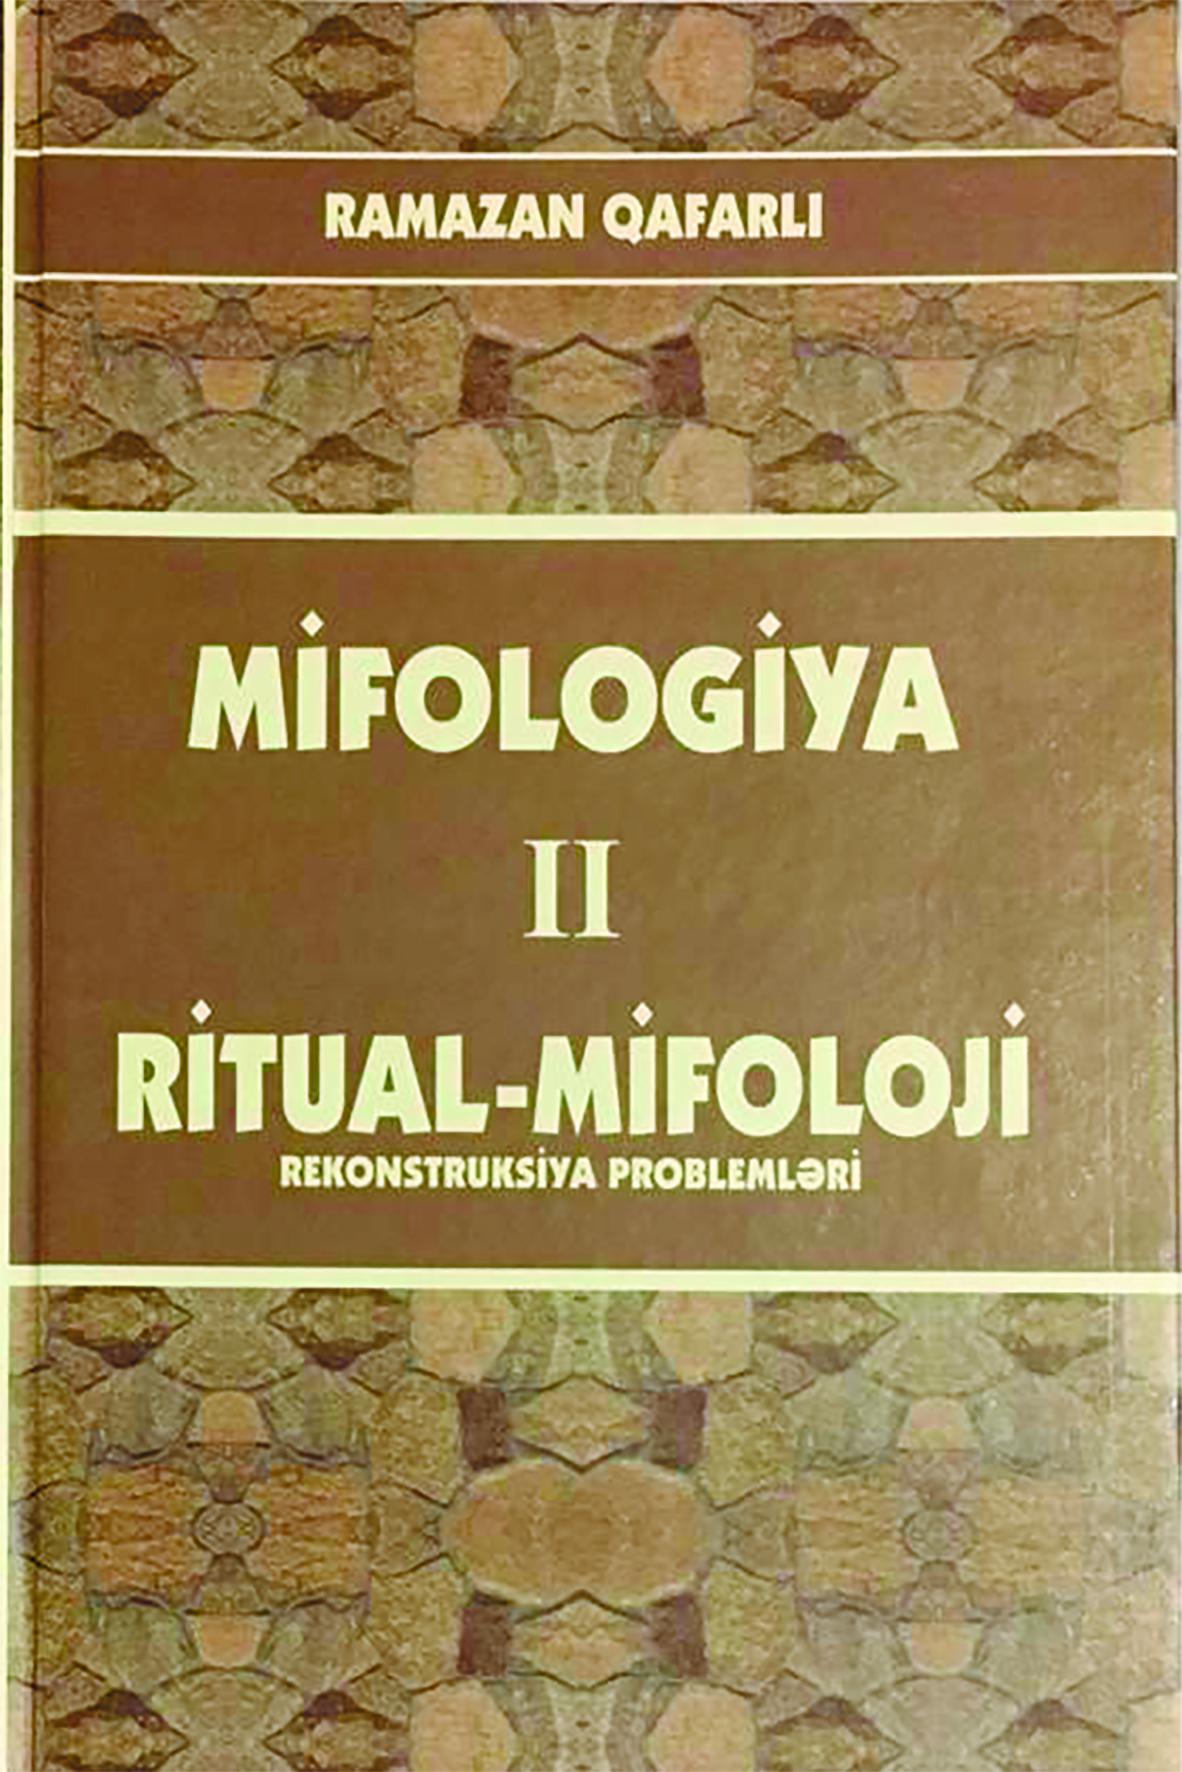 Mifologiya. Altı cilddə. İkinci cild